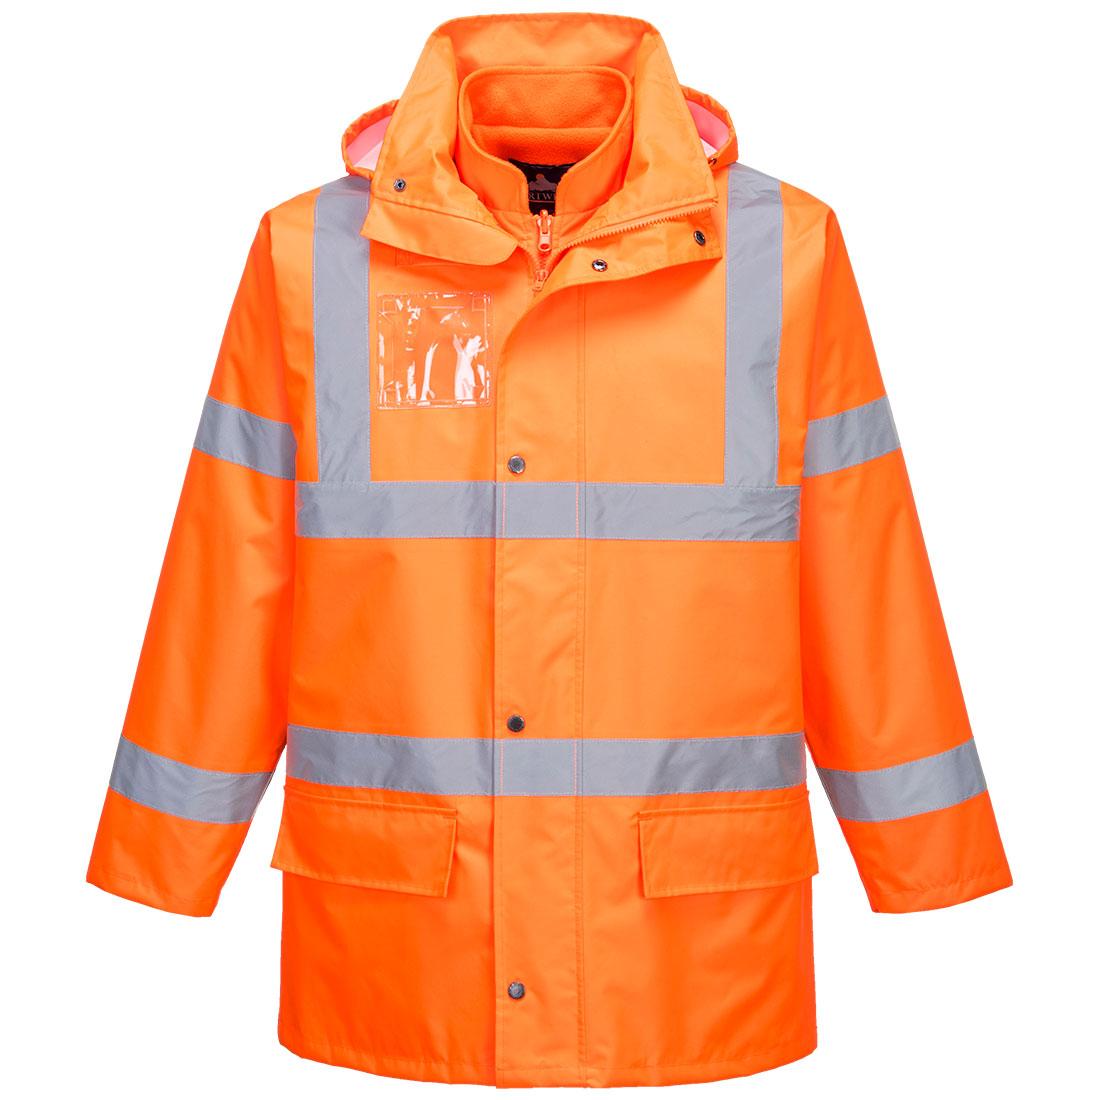 Hi-Vis Essential 5-in-1 Jacket Orange XL